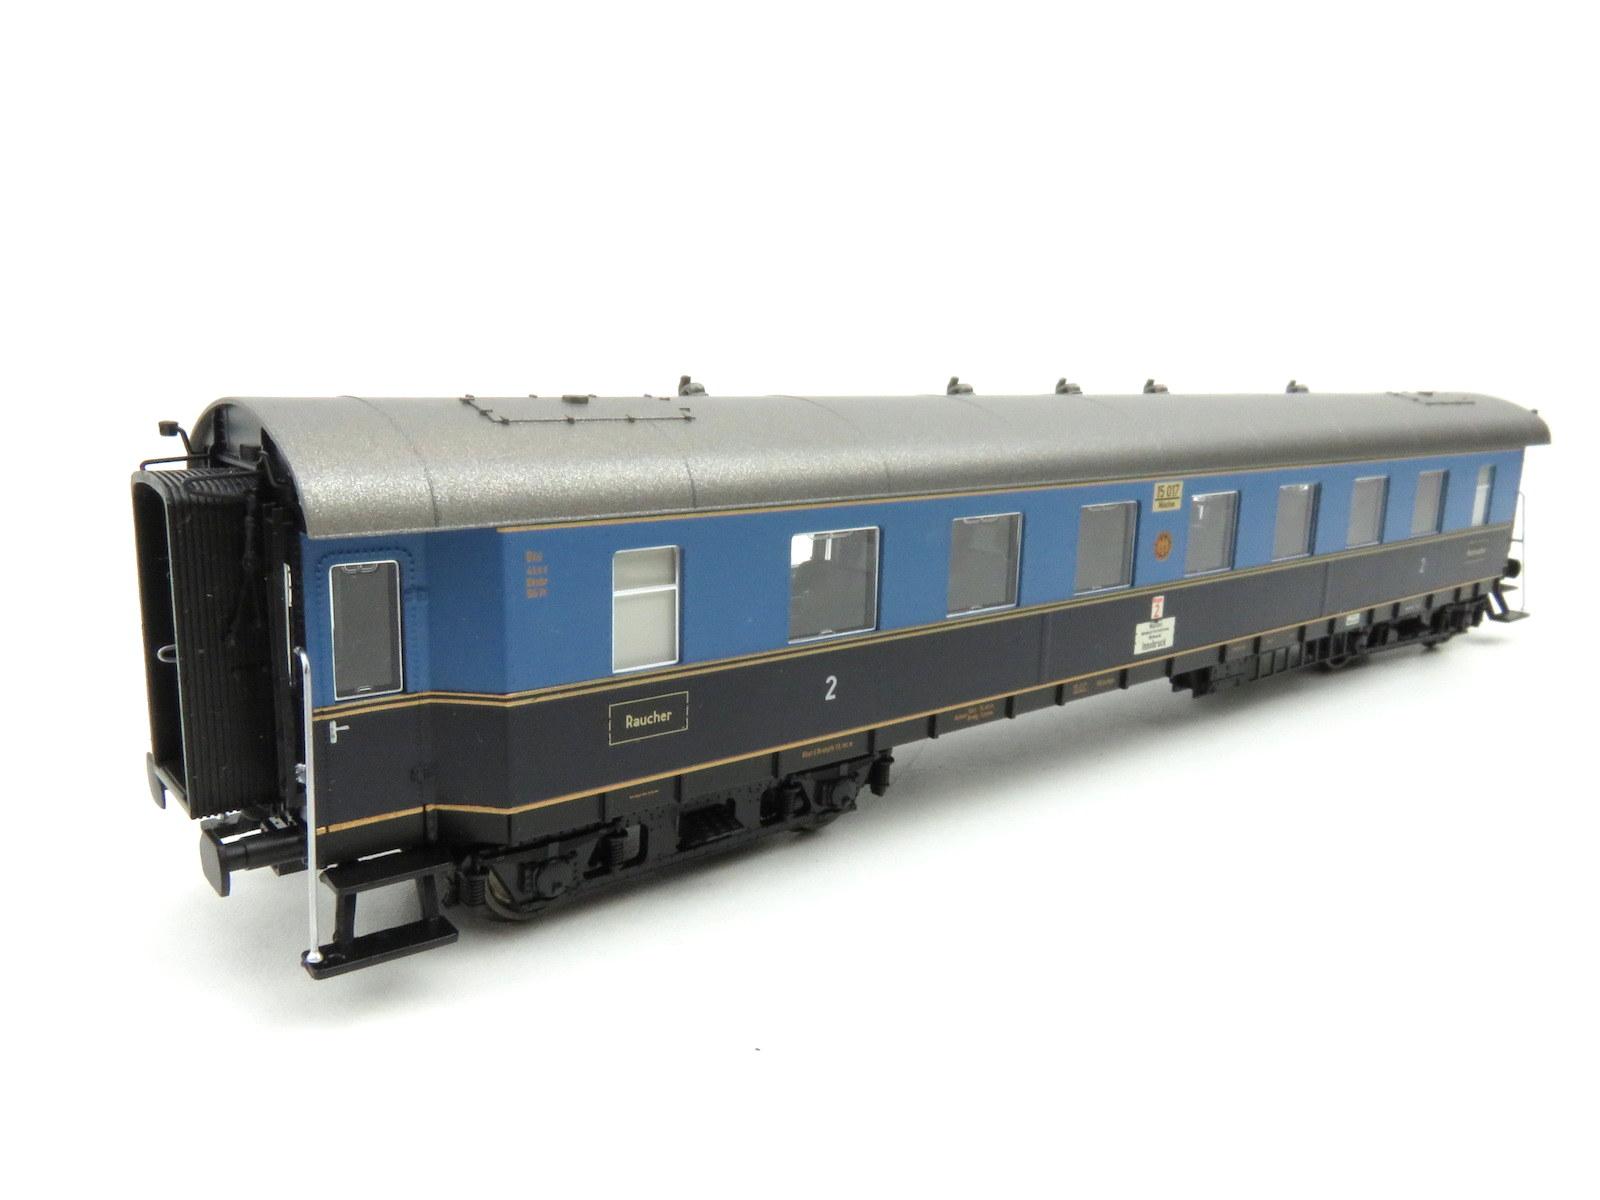 BB ab 2020 AM1053-Liliput-L334530-DC-H0-Schnellzugwagen-2.Kl_.-DRG-Karwendelexpress-OVP_1